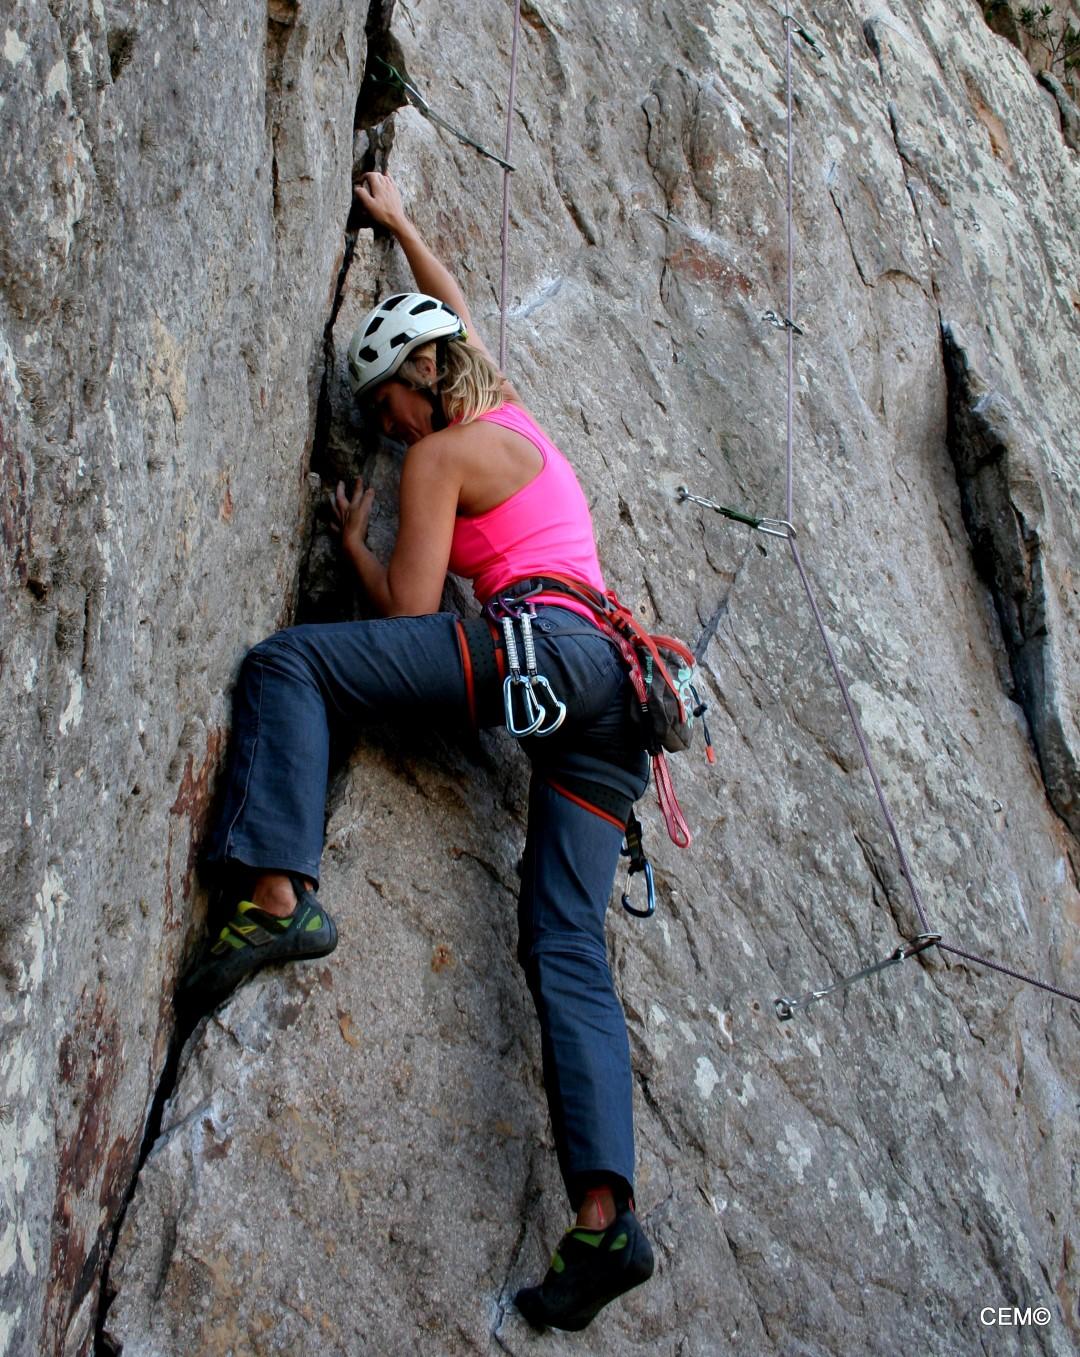 actividad-cem-escalada-deportiva-san-bartolo-tarifa-2016-04